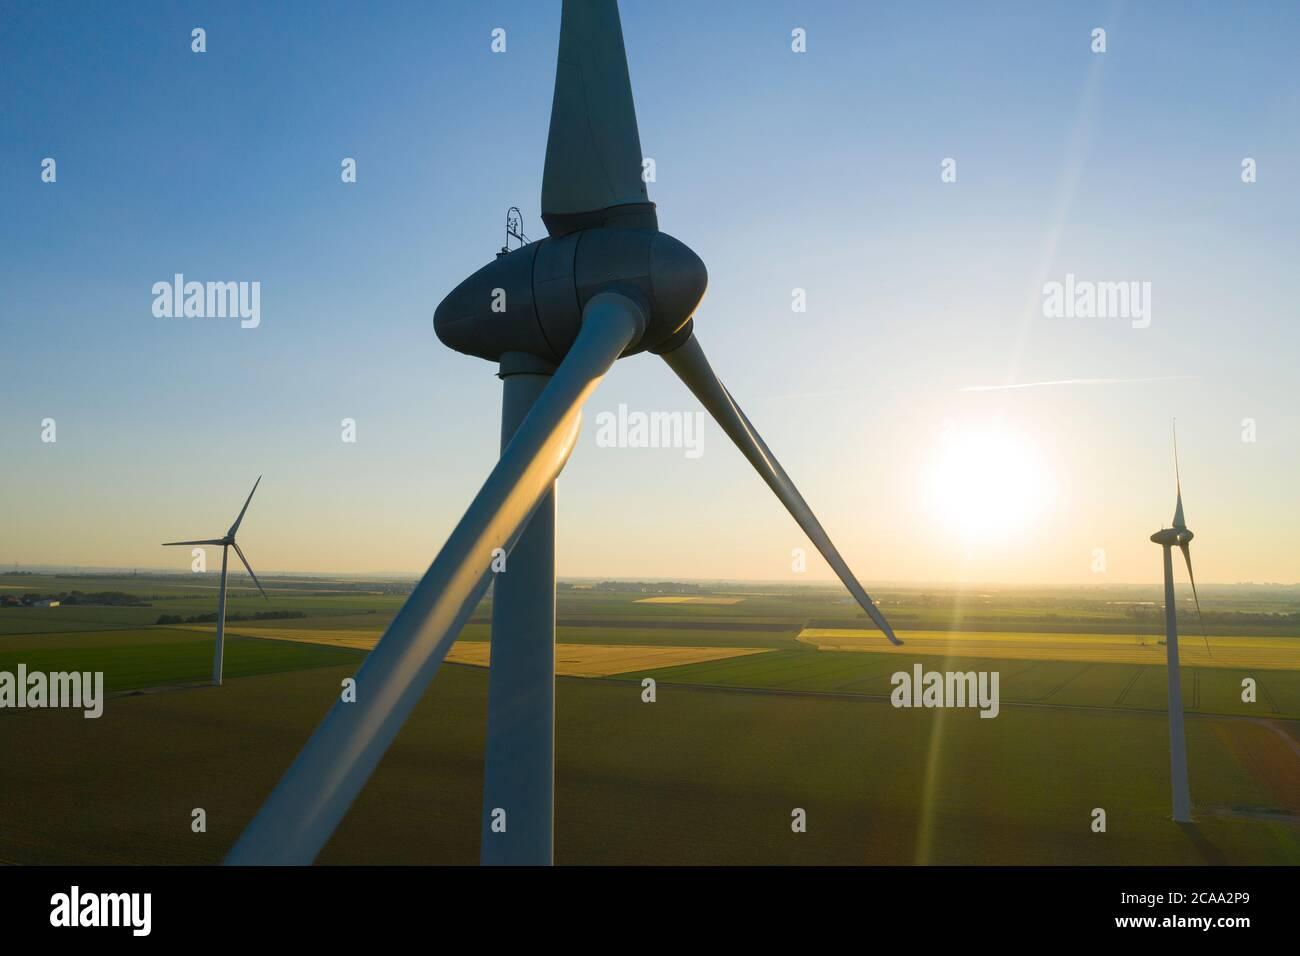 Vista aerea di turbine eoliche produzione di energia - ripresa aerea al tramonto Foto Stock